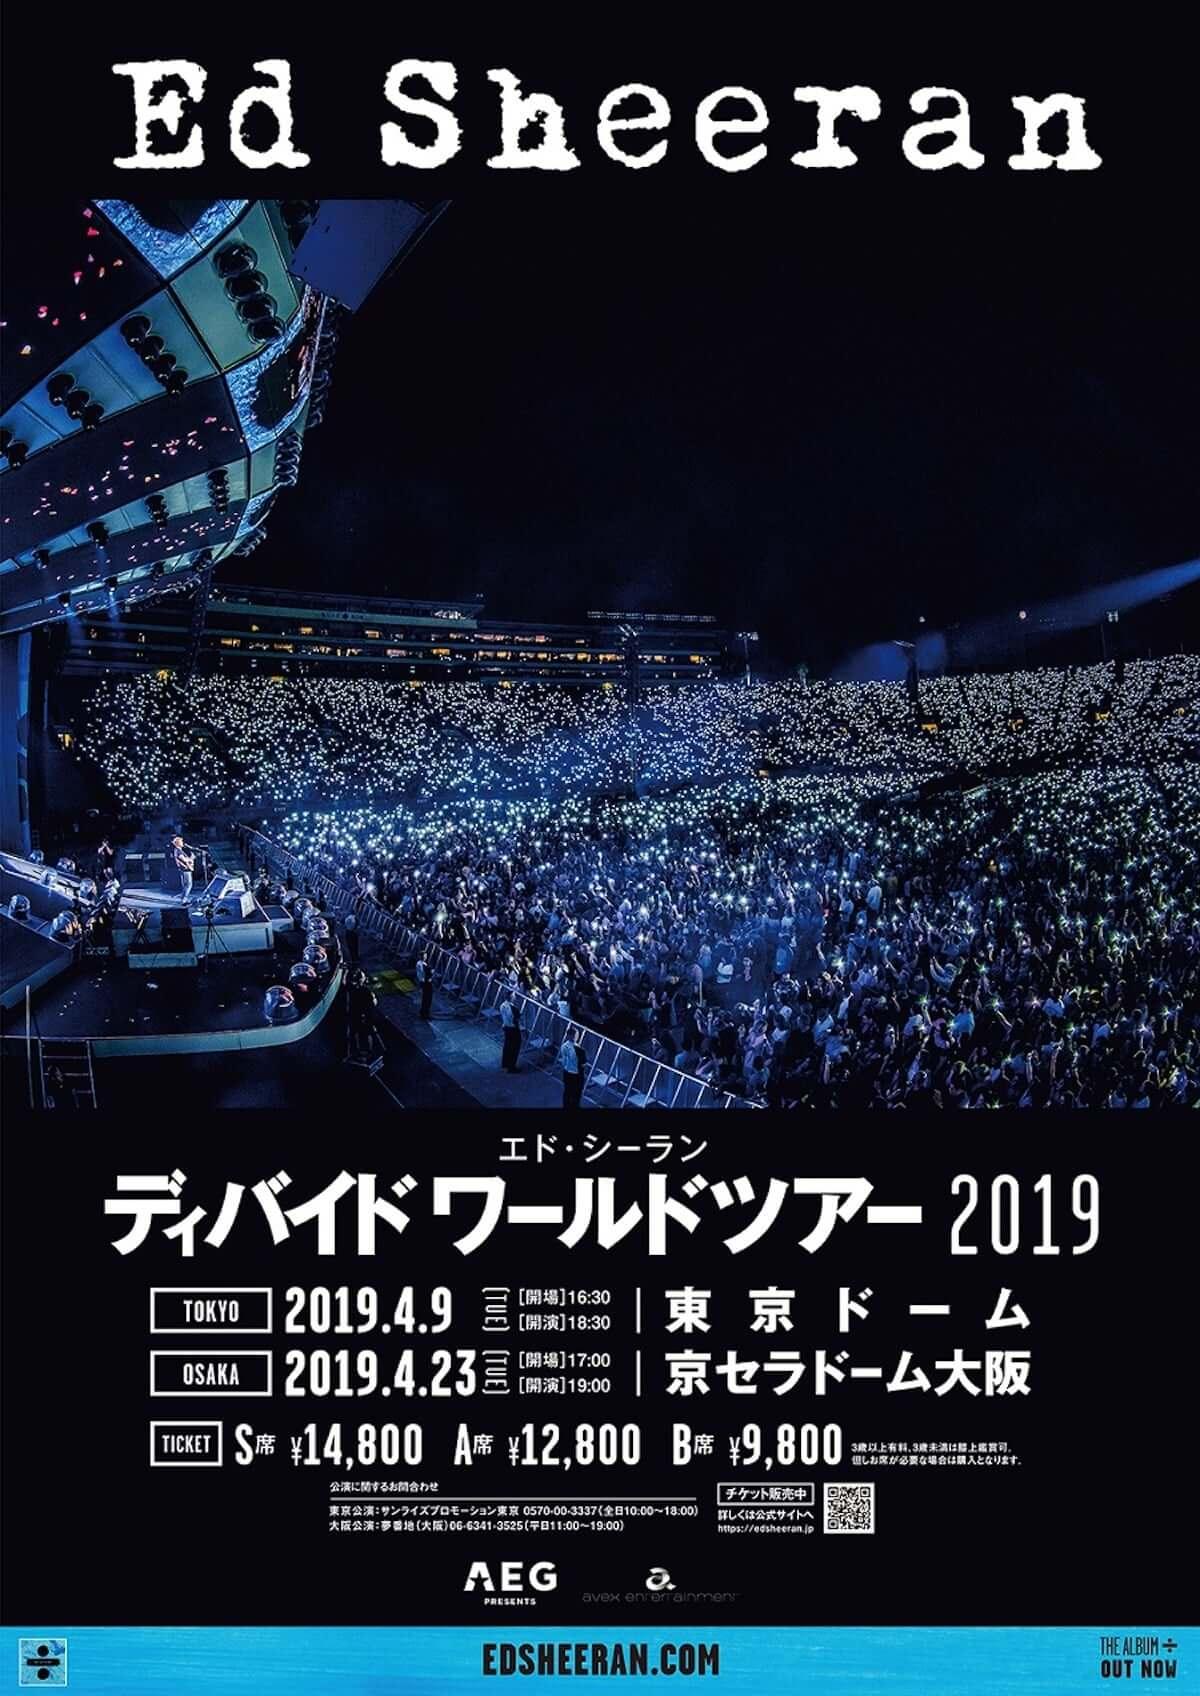 エド・シーラン、来日公演チケット最速先行は12月7日(金)正午から!前回来日時に東京ドーム前で撮影されたオフショット公開! music181206_edsheeran_2-1200x1696